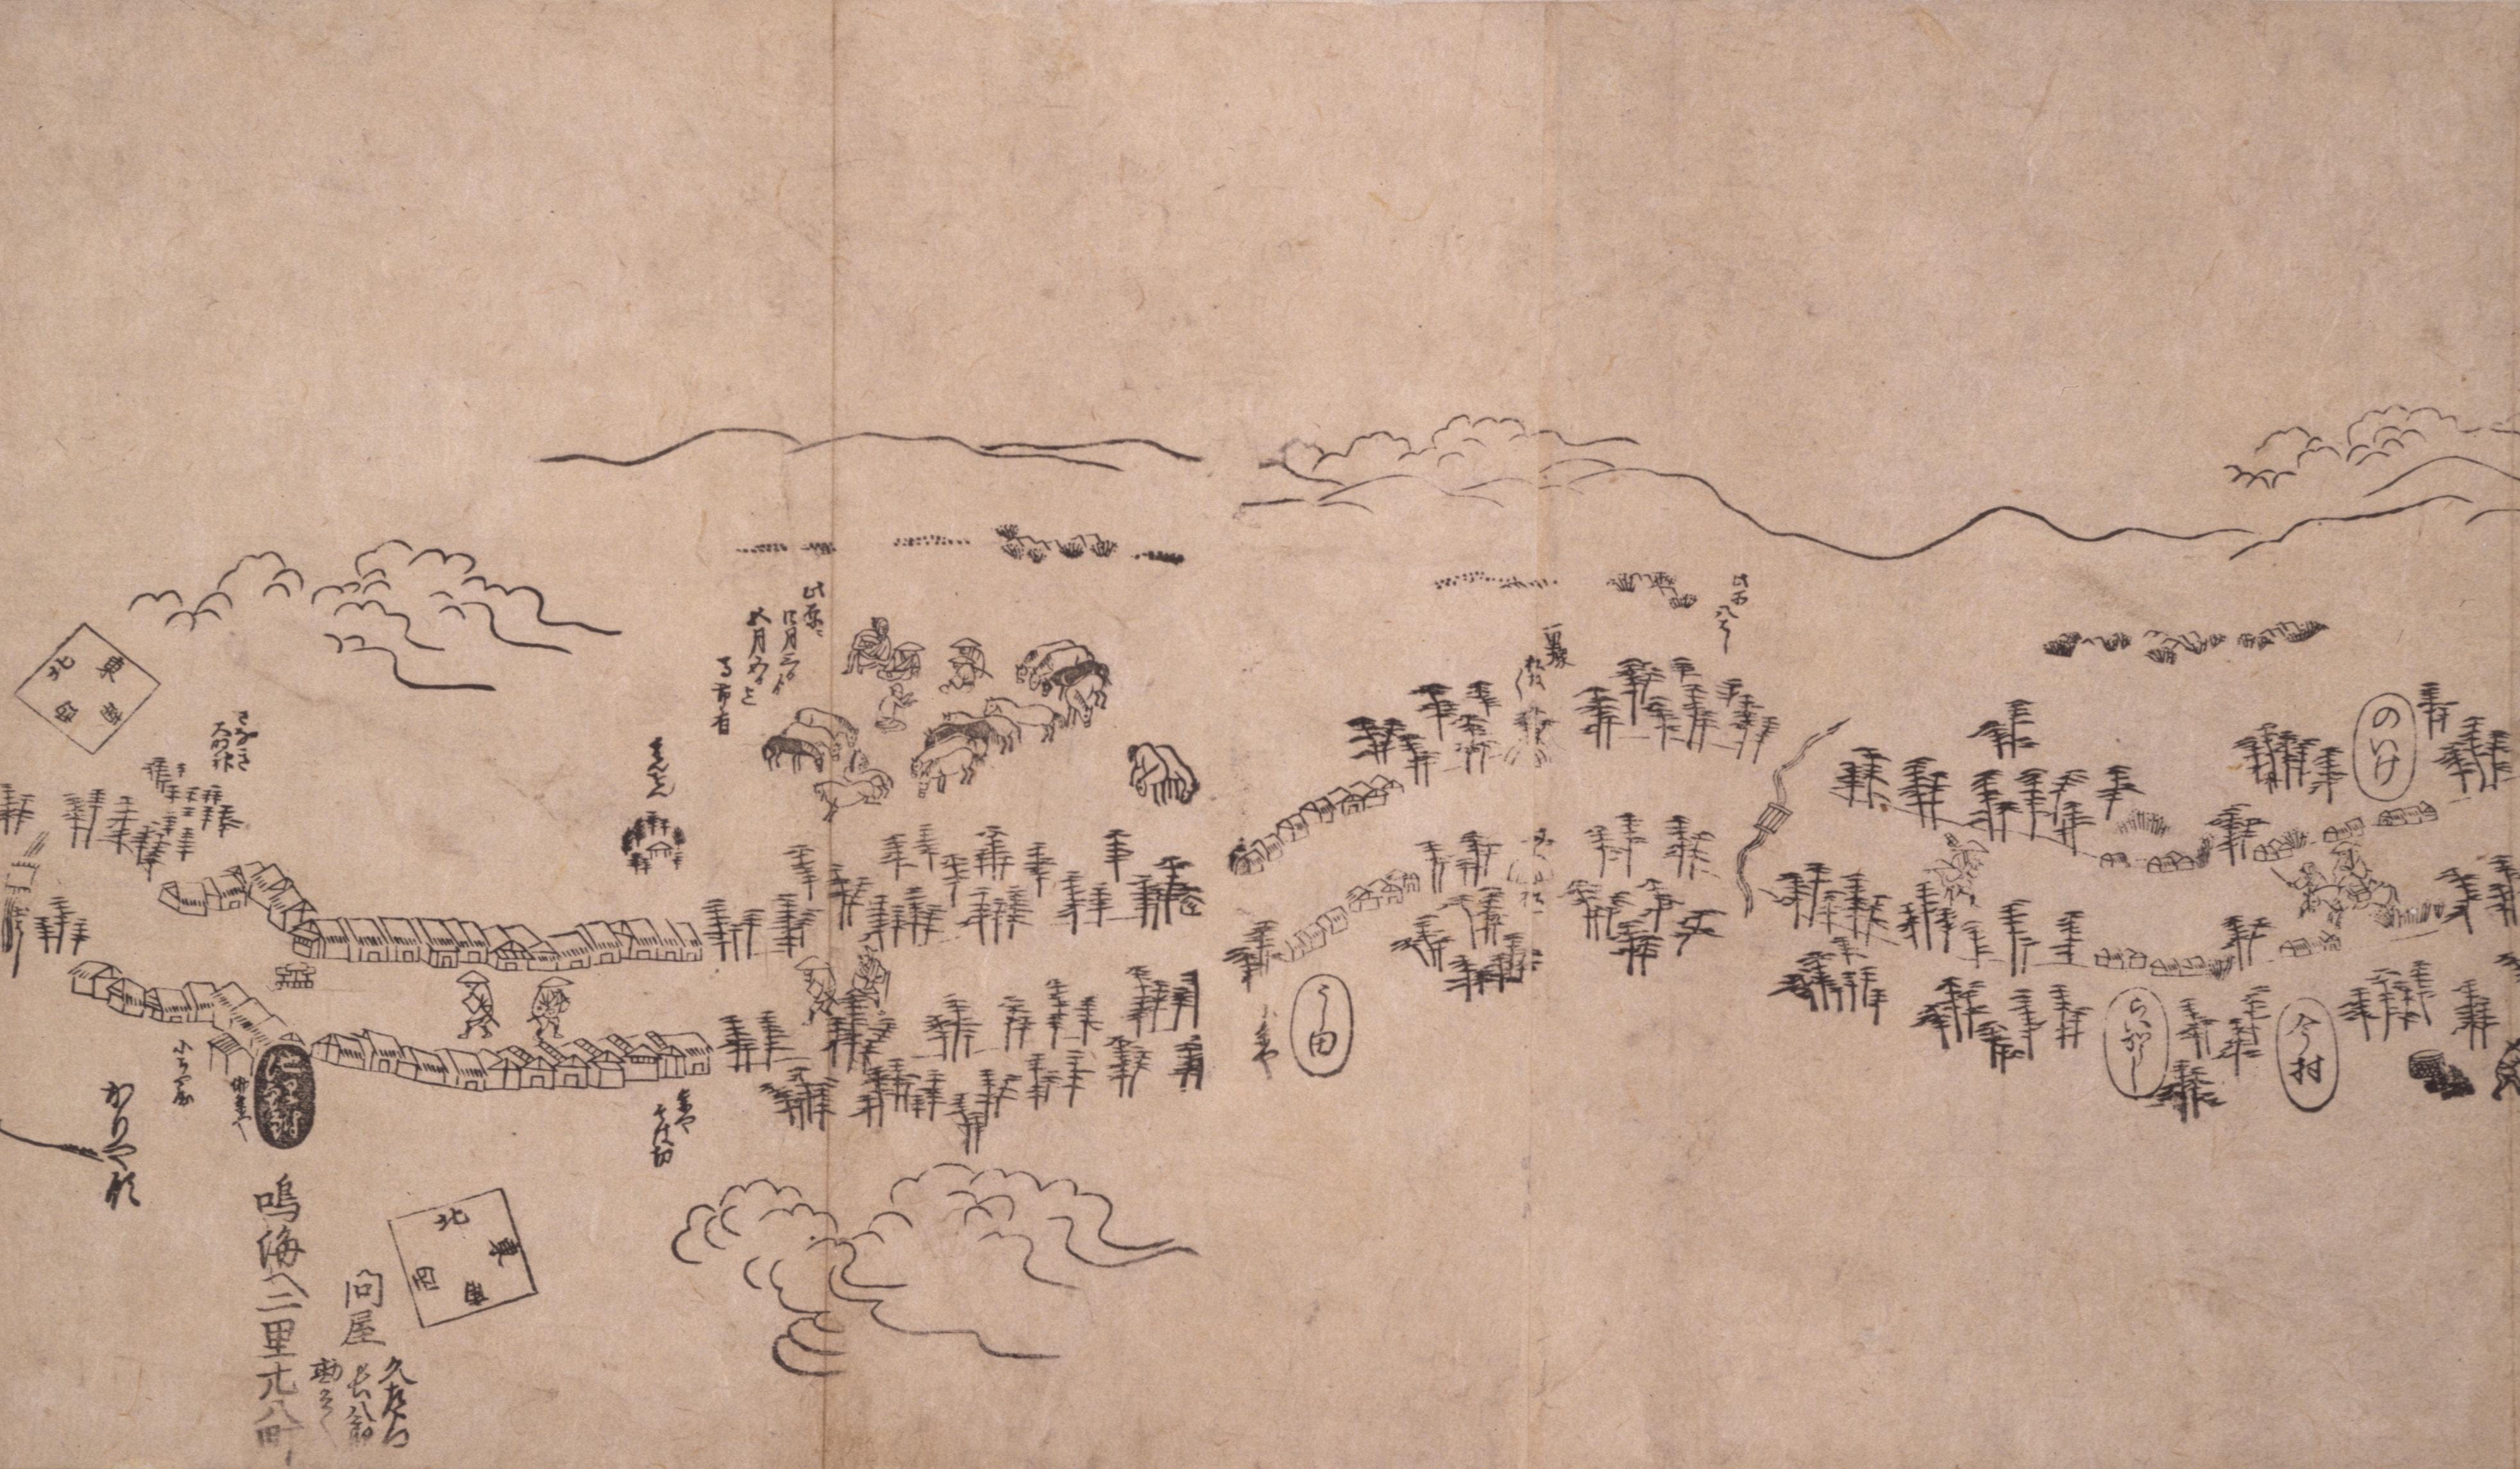 東海道分間之図 五十七